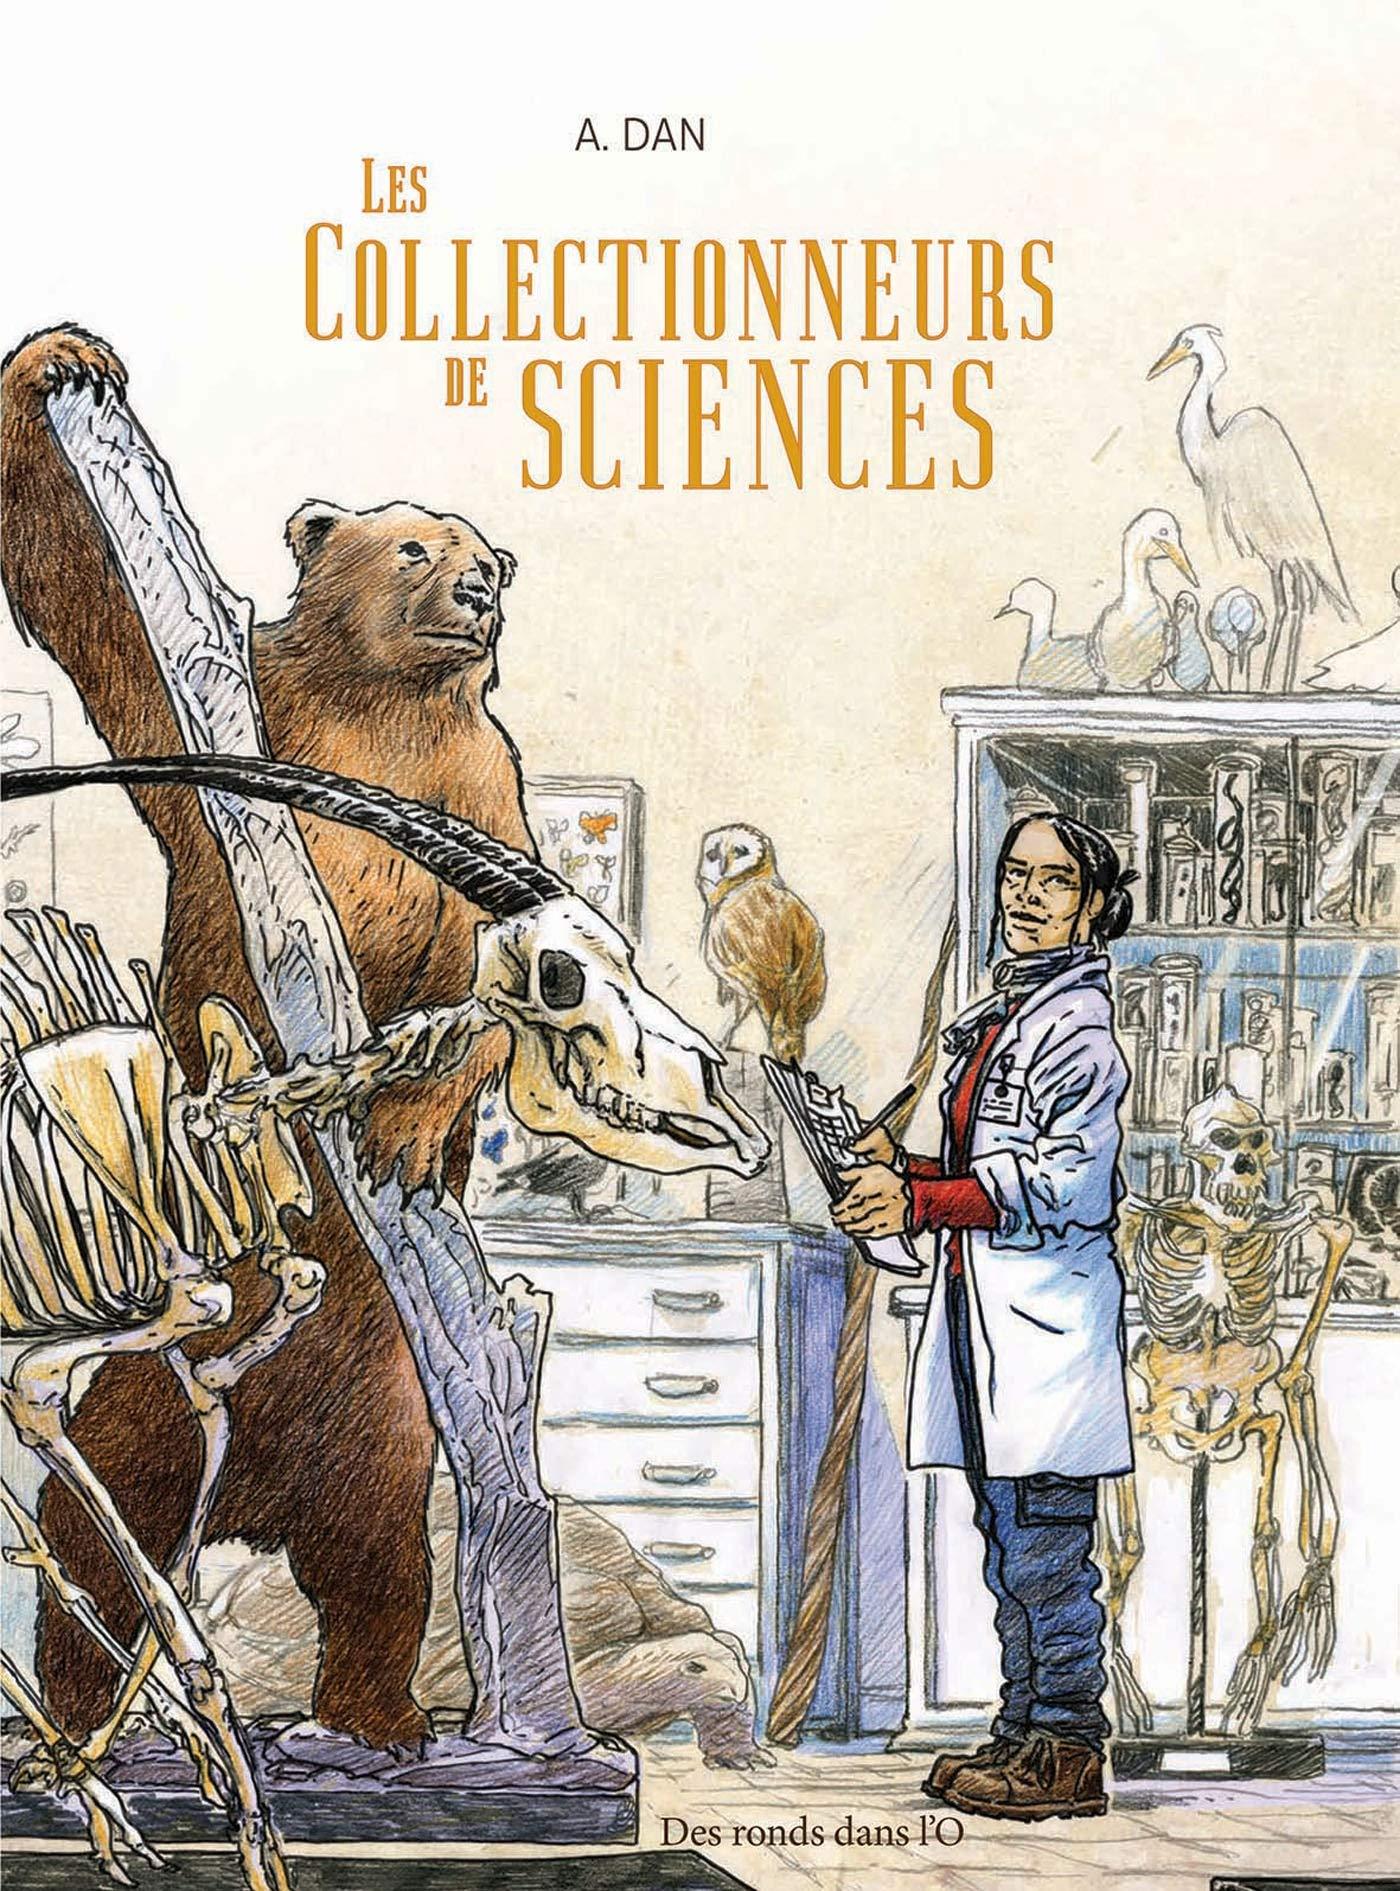 collectionneurs-de-sciences